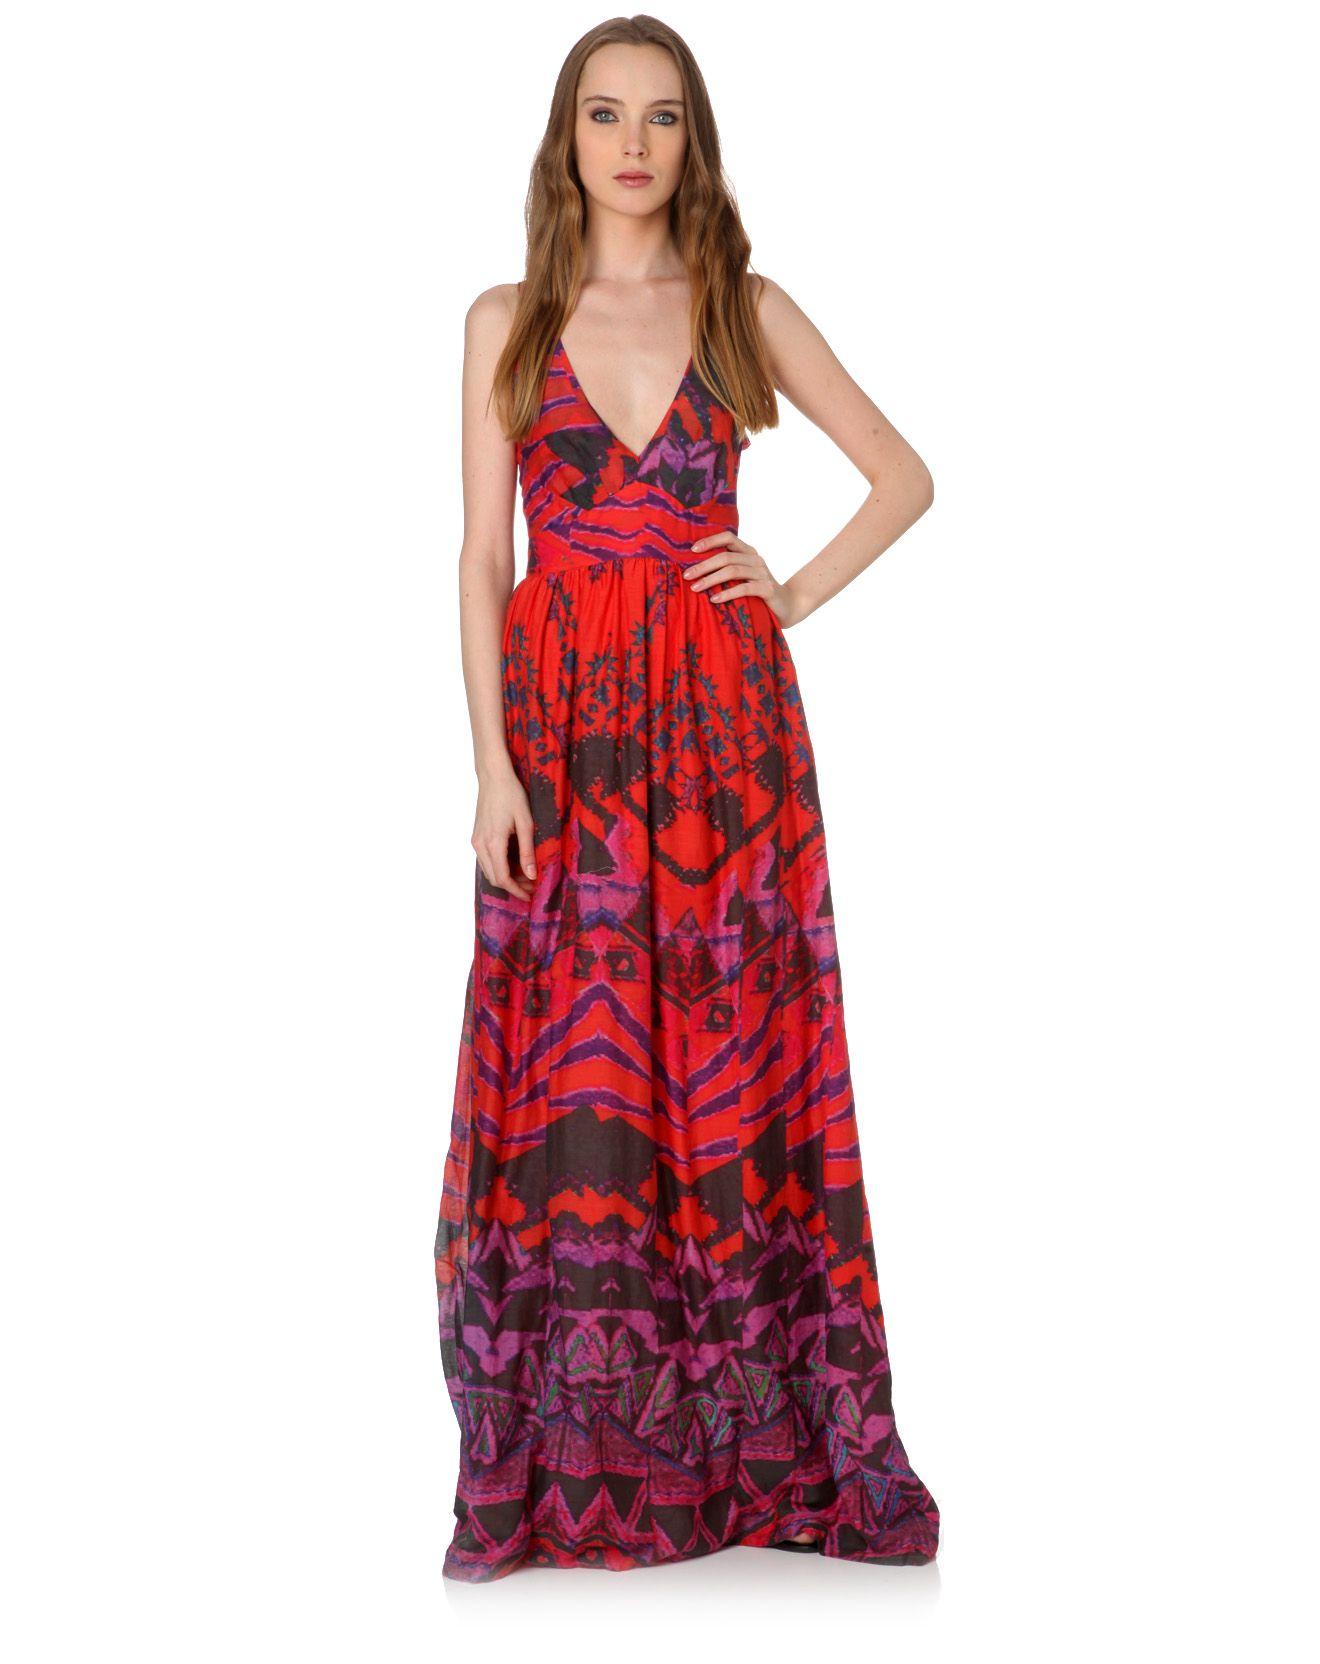 Vente Antik Batik sur Bazarchic ! #robes #tops #jupes #shorts #accessoires #enfants  ROBE LONGUE COTON & SOIE OPYLA ROUGE